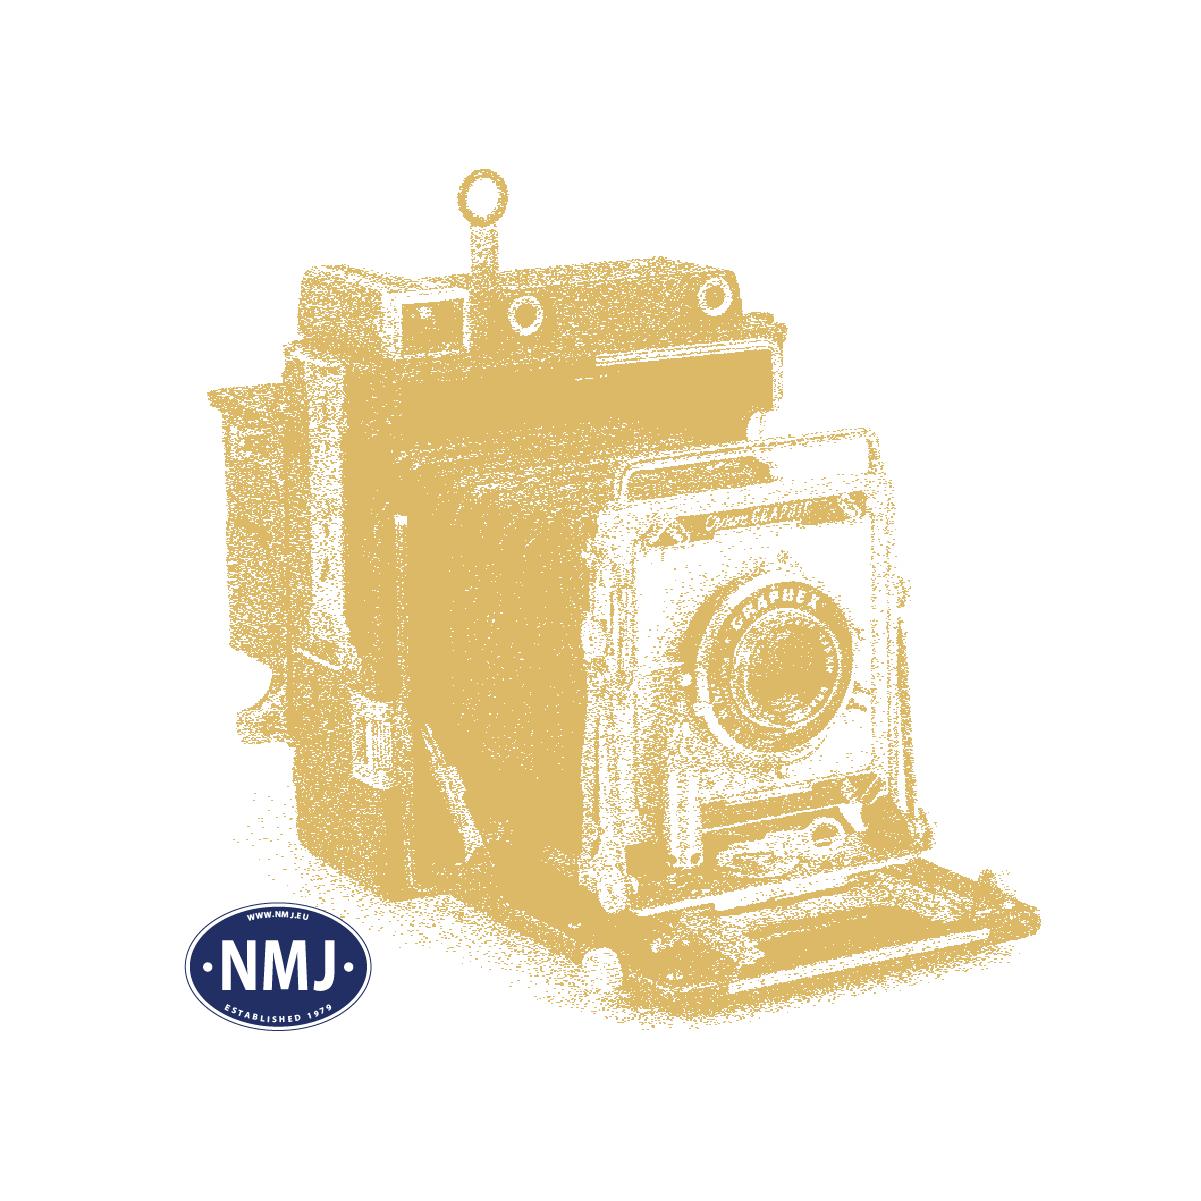 NMJT502.105 - NMJ Topline NSB Stakevogn Kbps 21 76 335 3 806-1